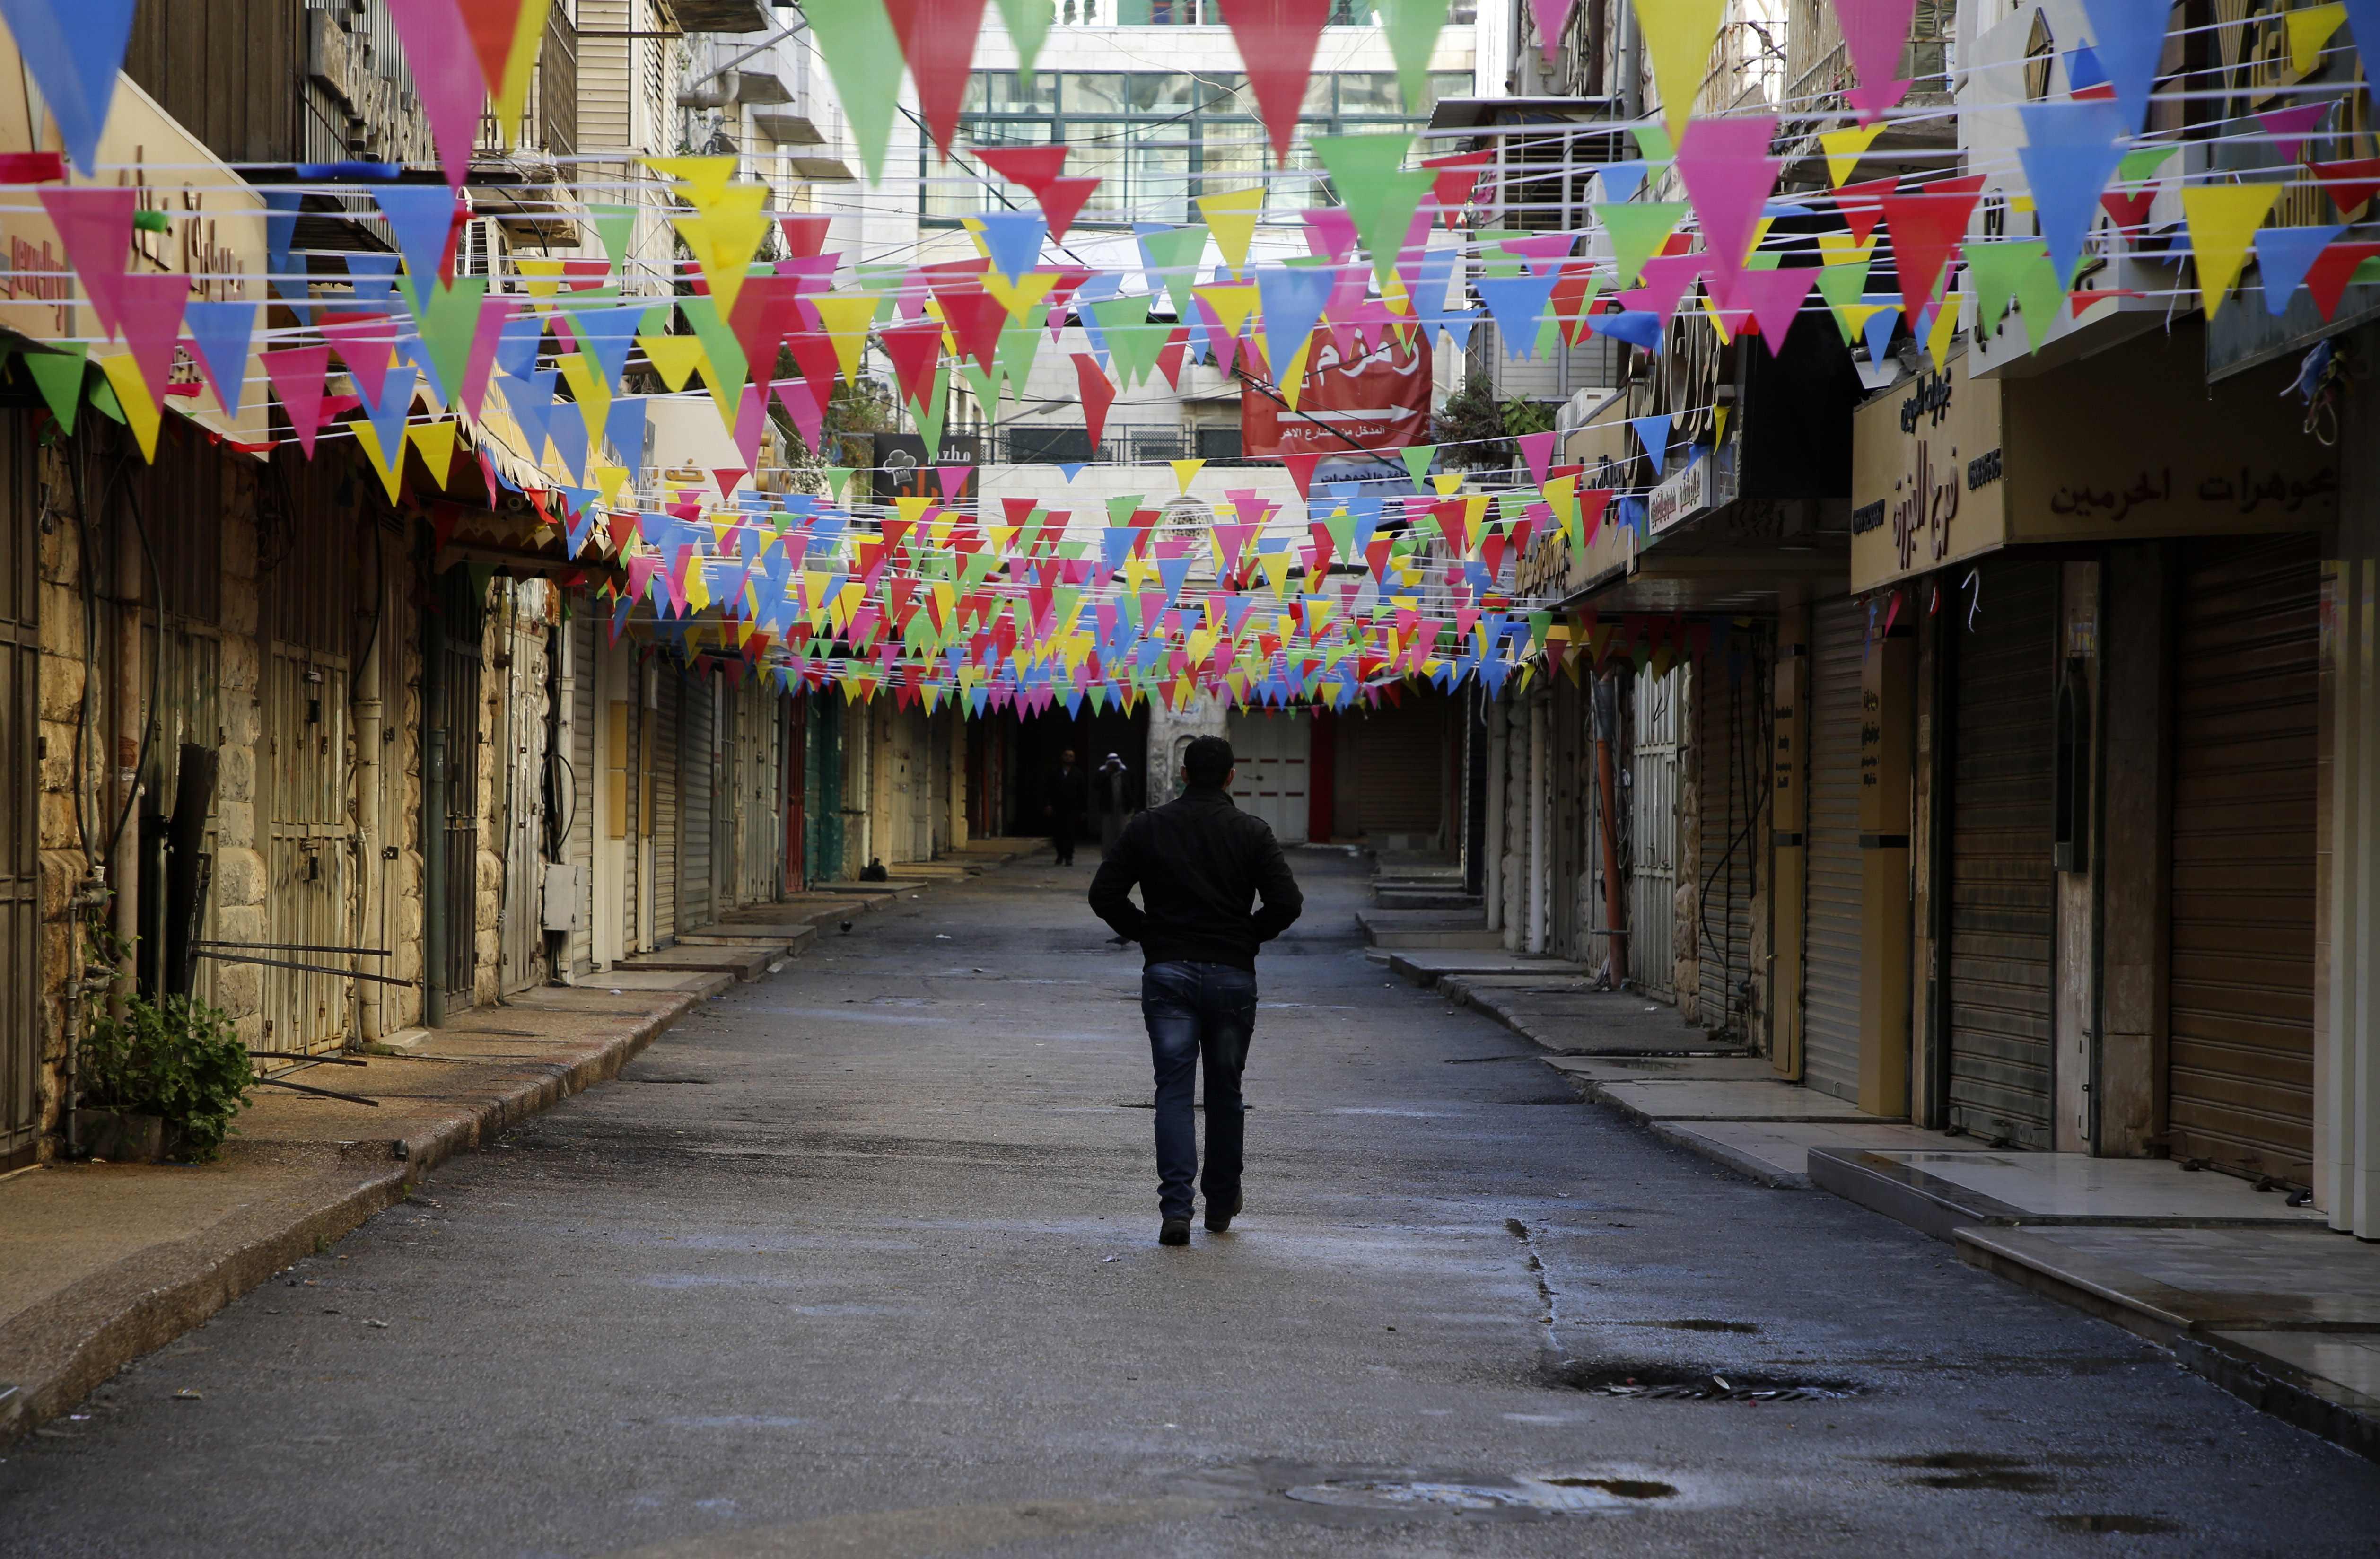 المحال التجارية فى فلسطين تغلق ابوابها استجابة للاضراب العام